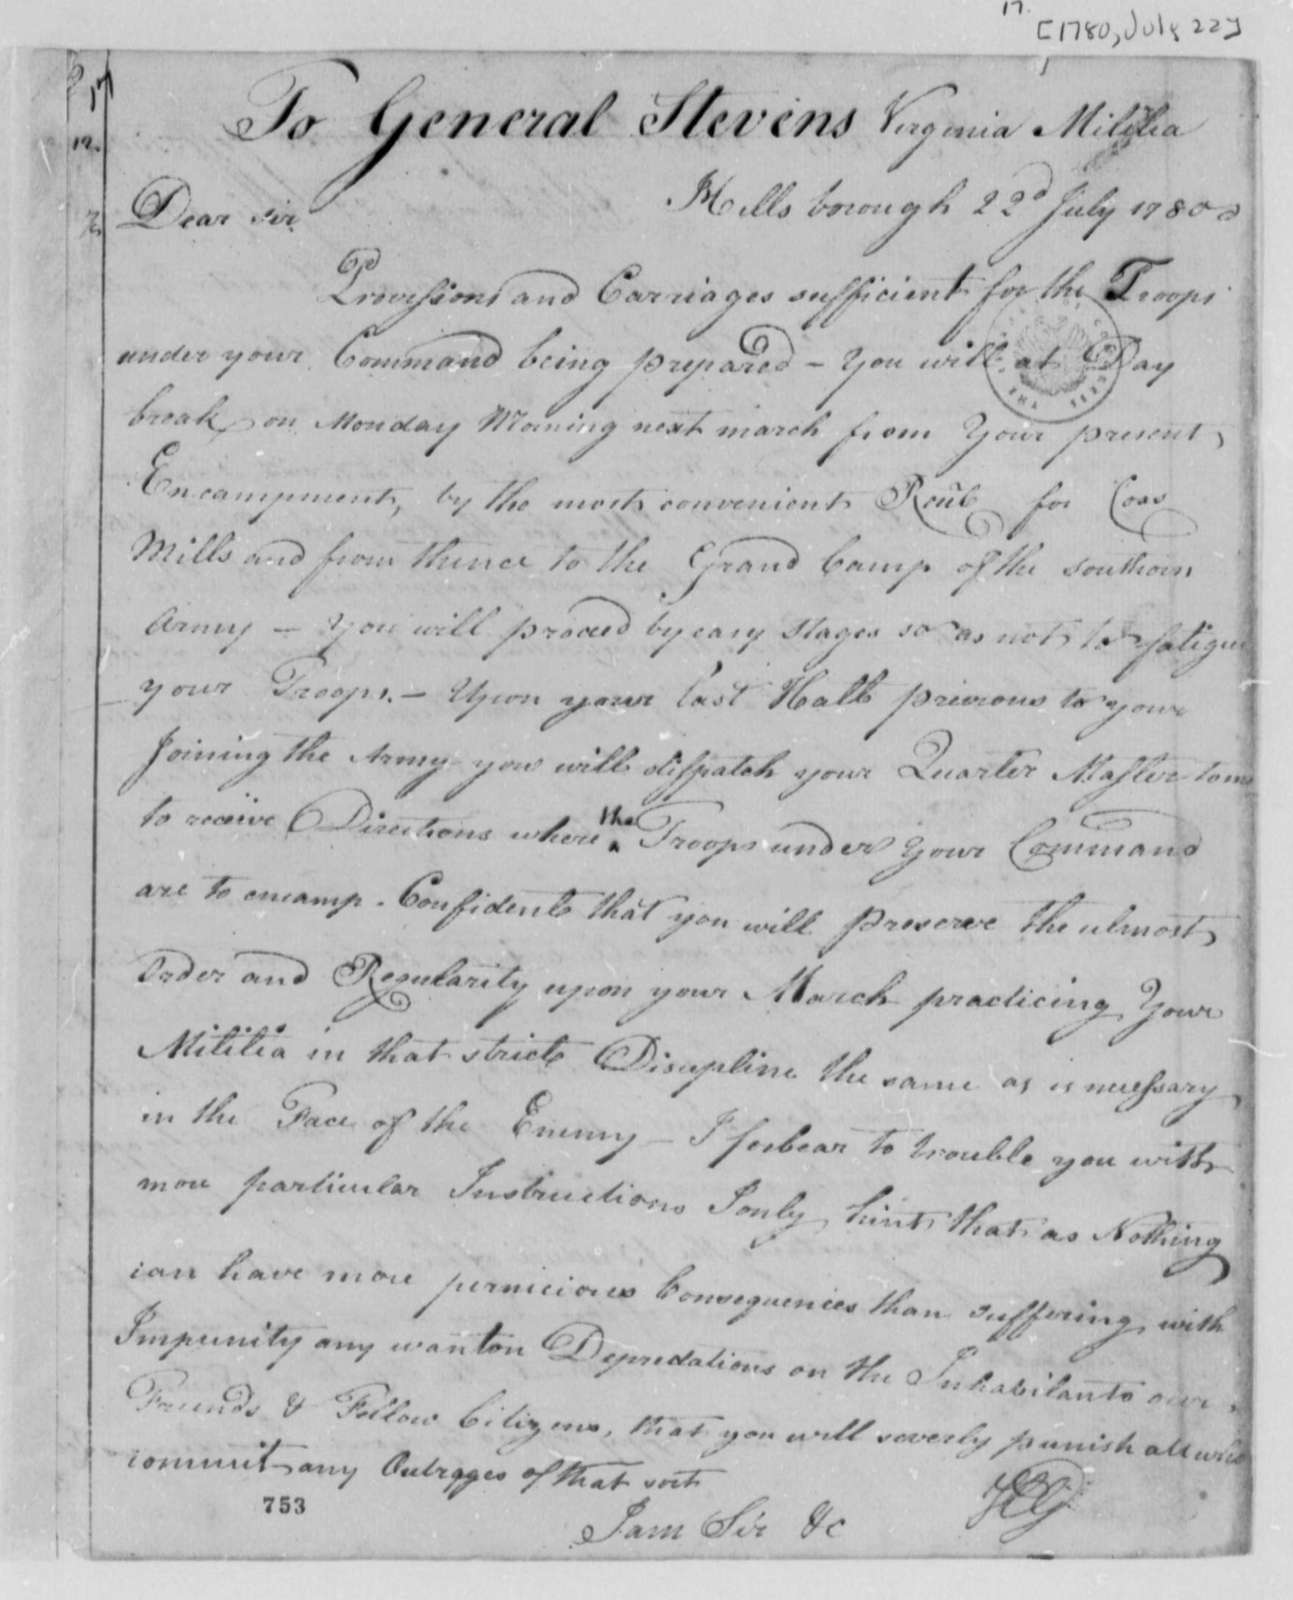 Horatio Gates to Edward Stevens, July 22, 1780